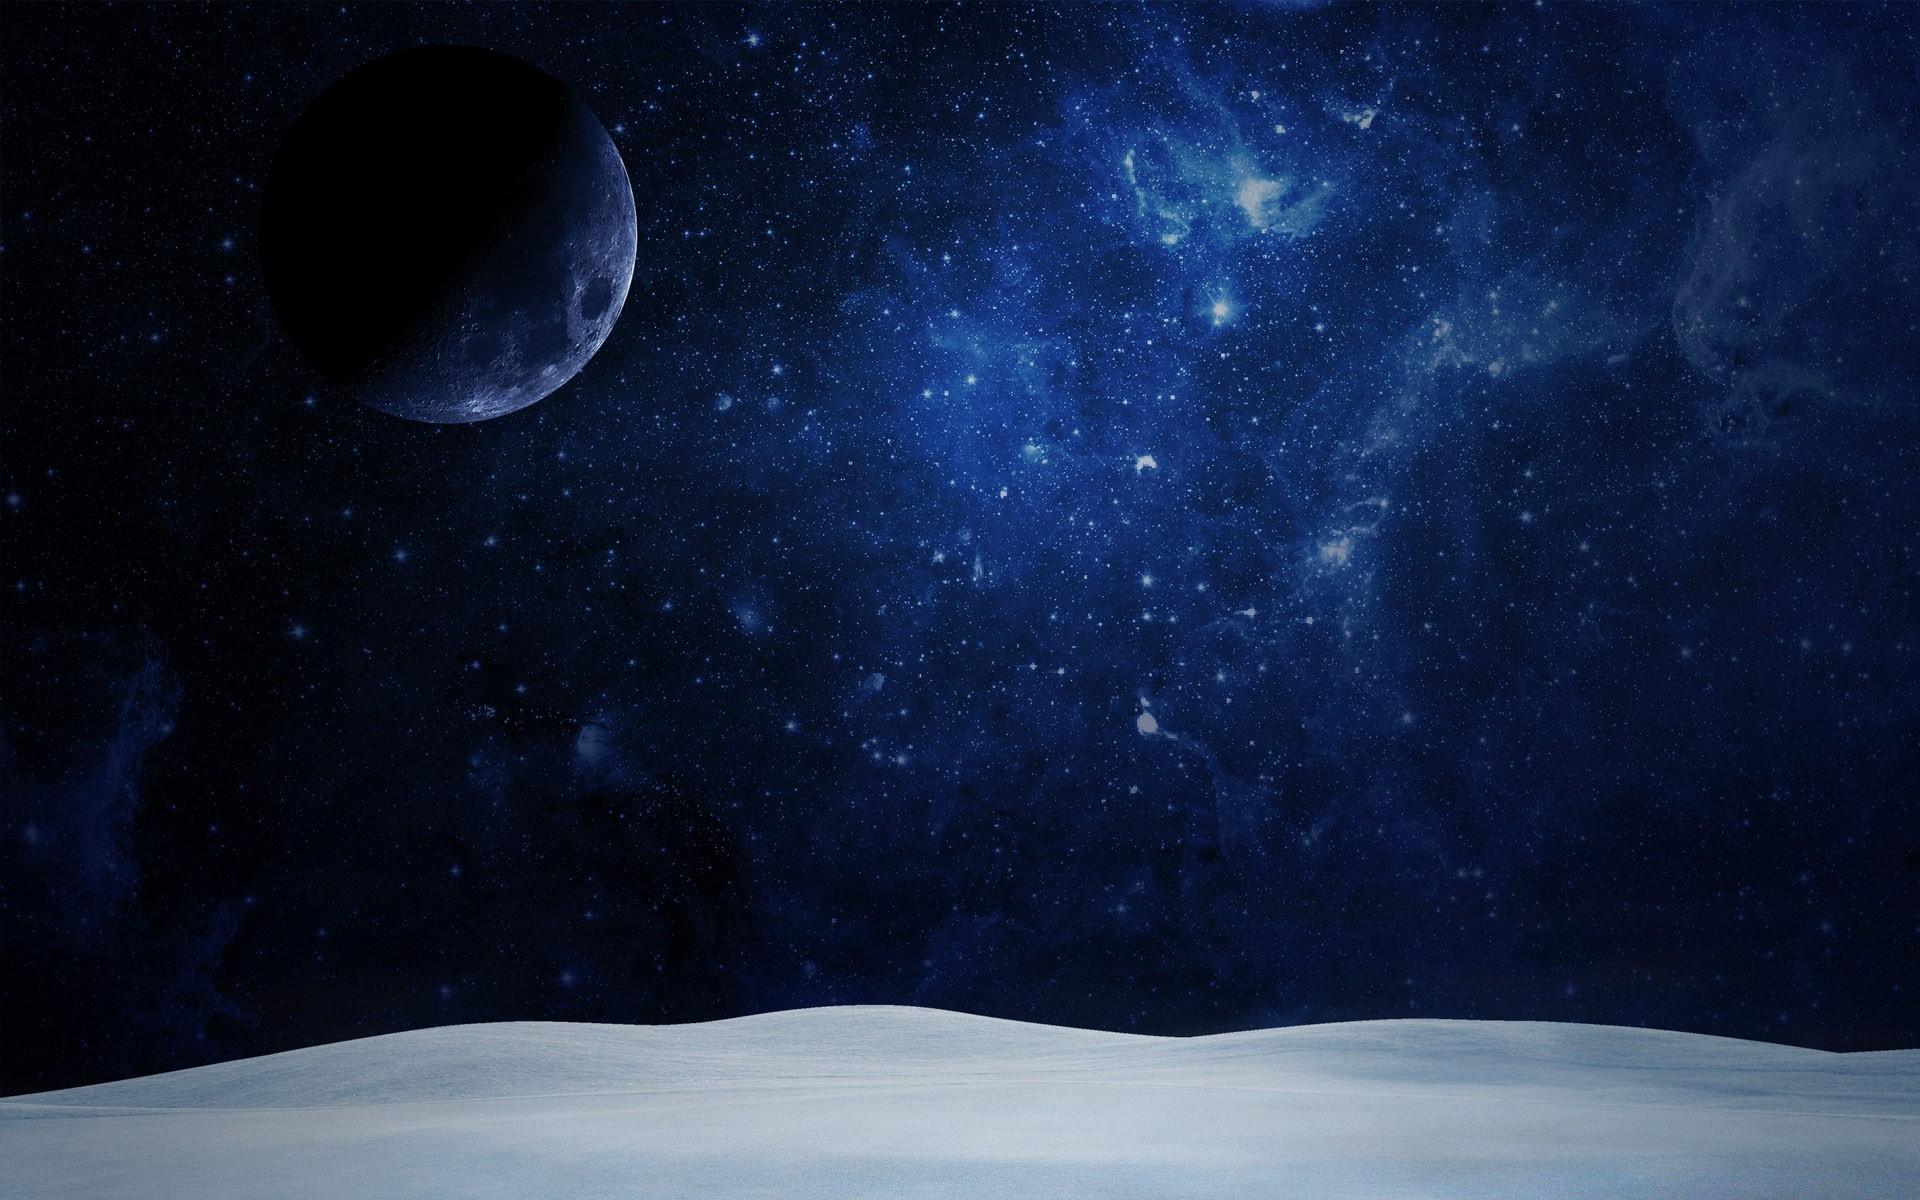 Луна на звездном небе фото высокого разрешения